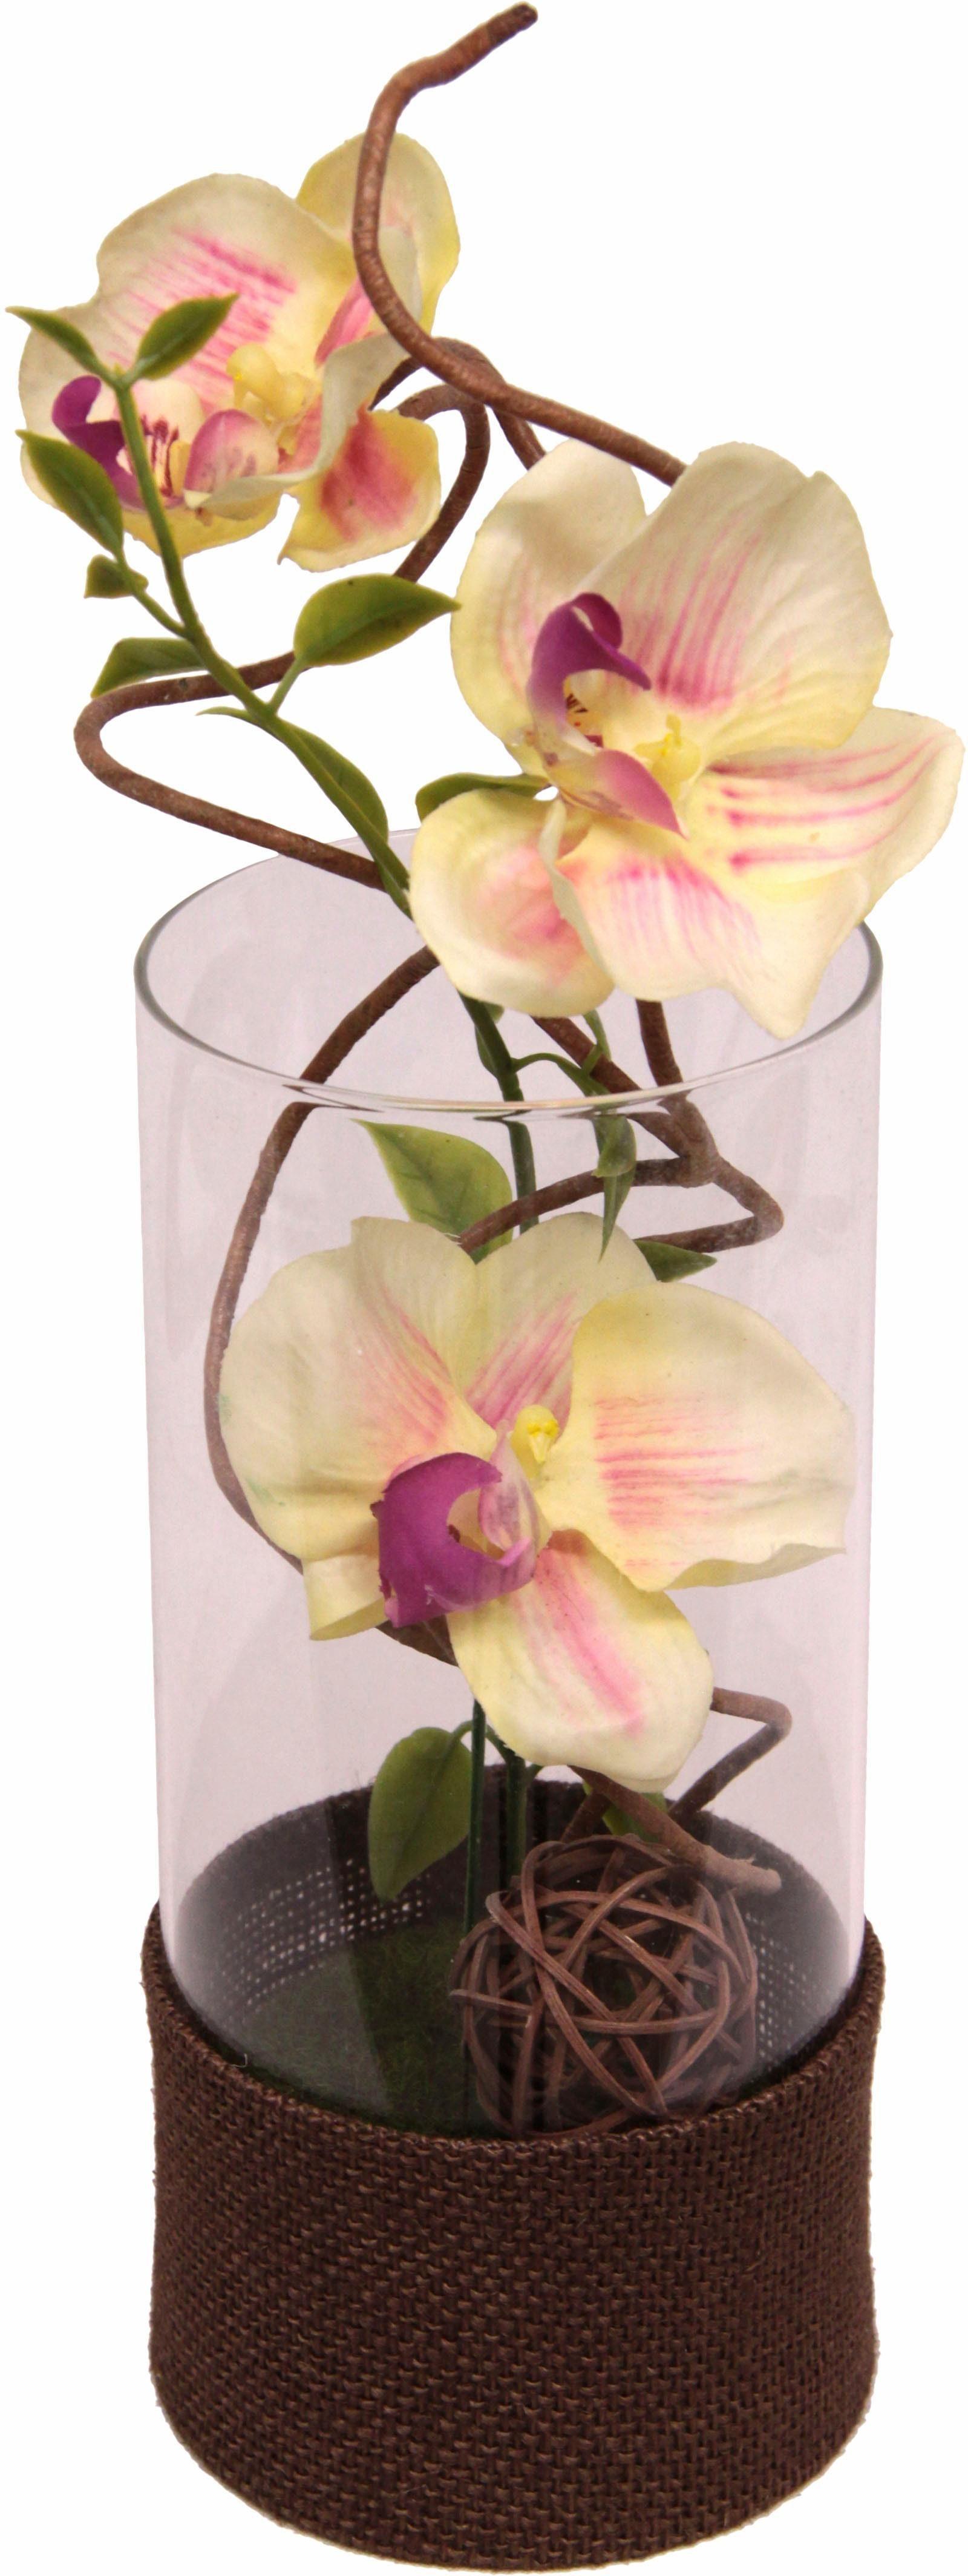 Home affaire Kunstblume »Orchidee« im Glas